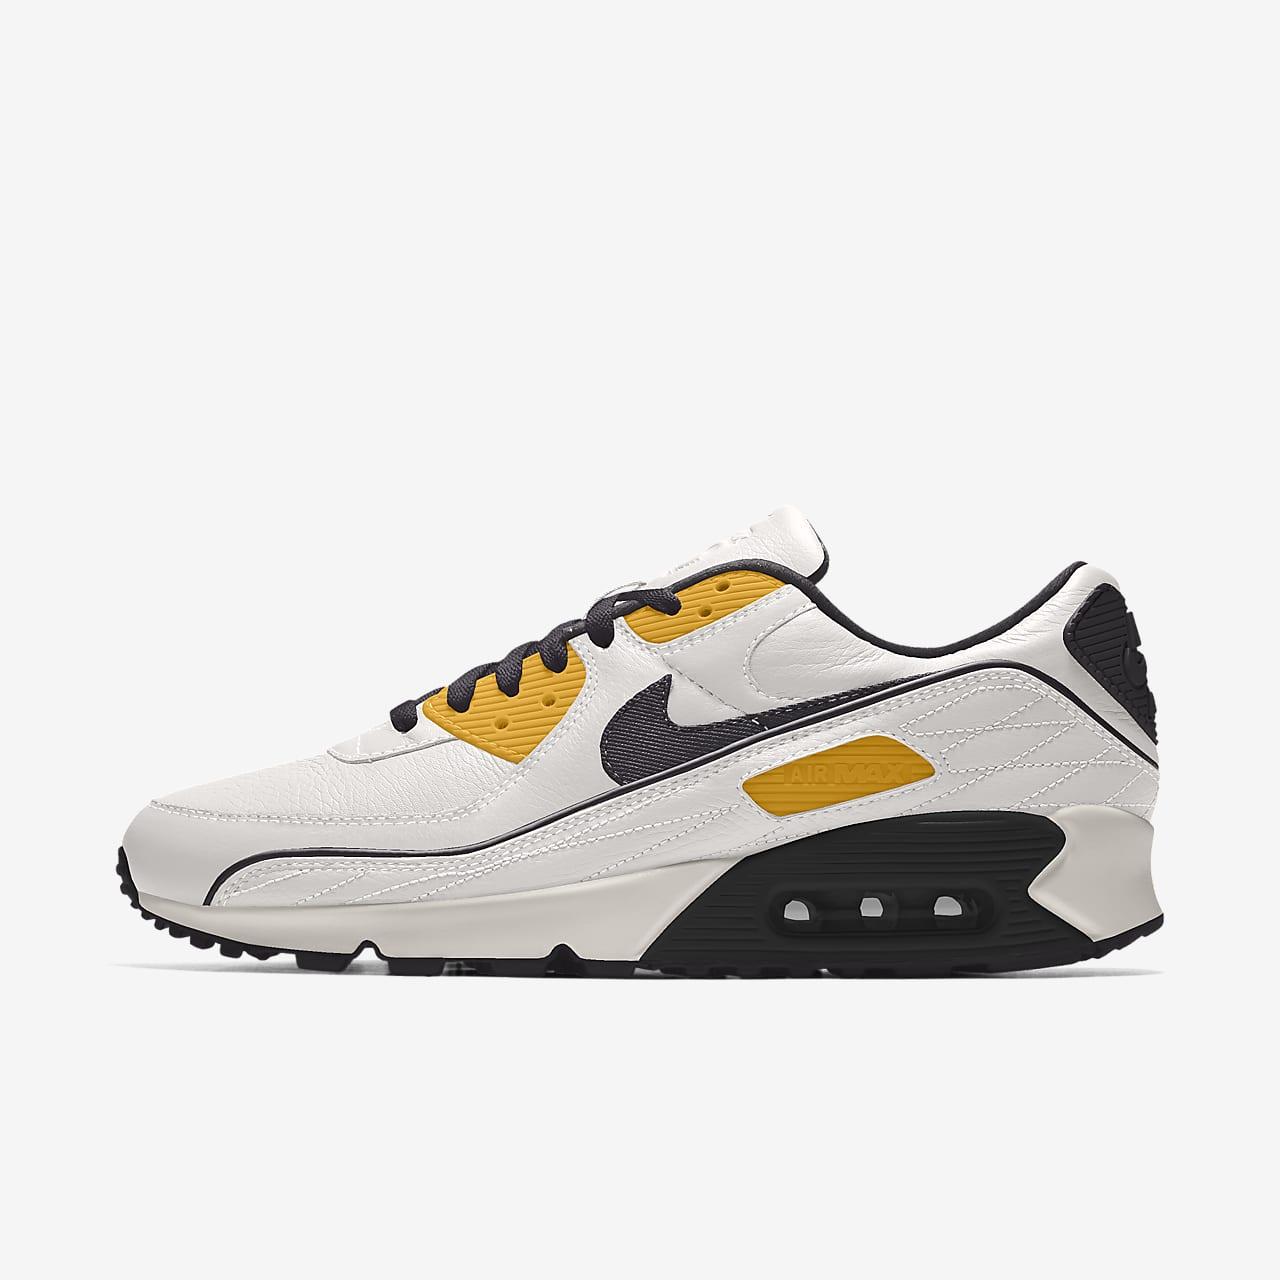 Nike Air Max 90 Unlocked By You 專屬訂製女鞋